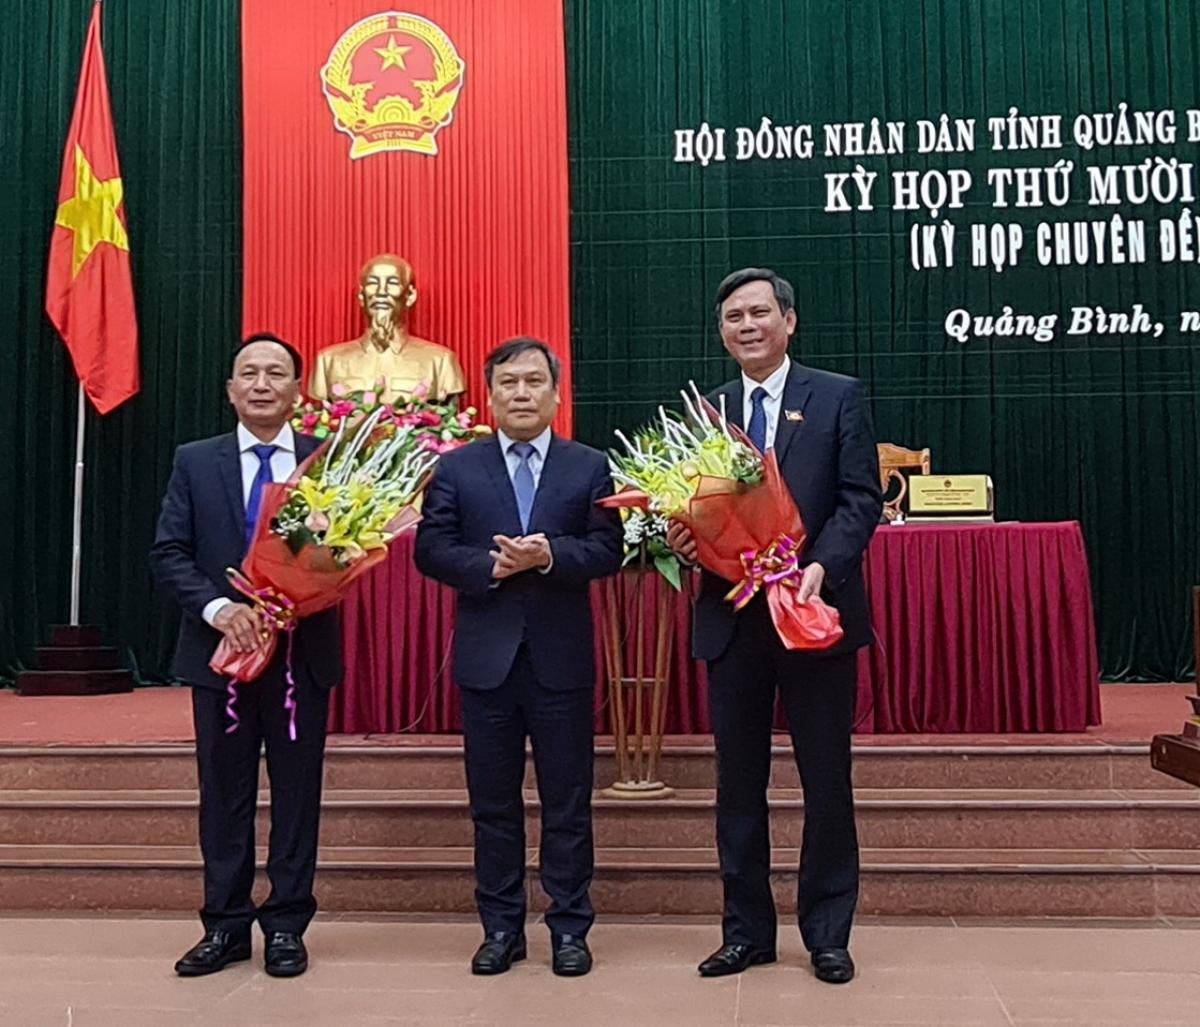 Bí thư Tỉnh ủy Quảng Bình Vũ Đại Thắng (giữa) tặng hoa chúc mừng tân Chủ tịch UBND tỉnh (phải) và tân Chủ tịch HĐND tỉnh Quảng Bình (trái)